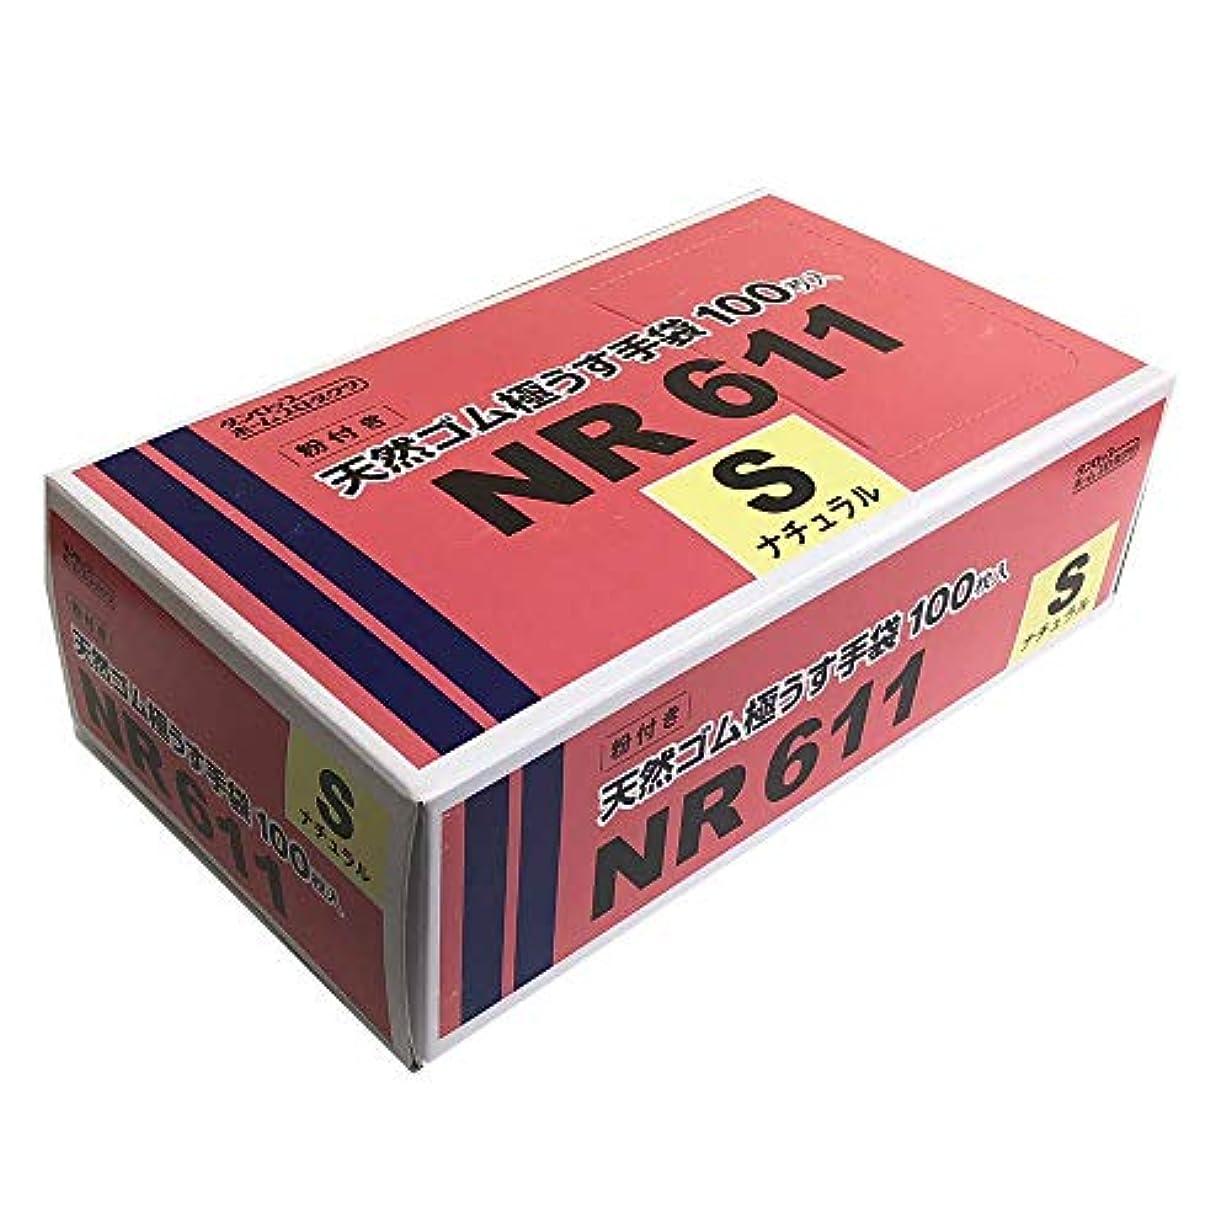 扱いやすいとにかく追放DP NR611 粉付天然ゴム極薄手袋S-N ×20個